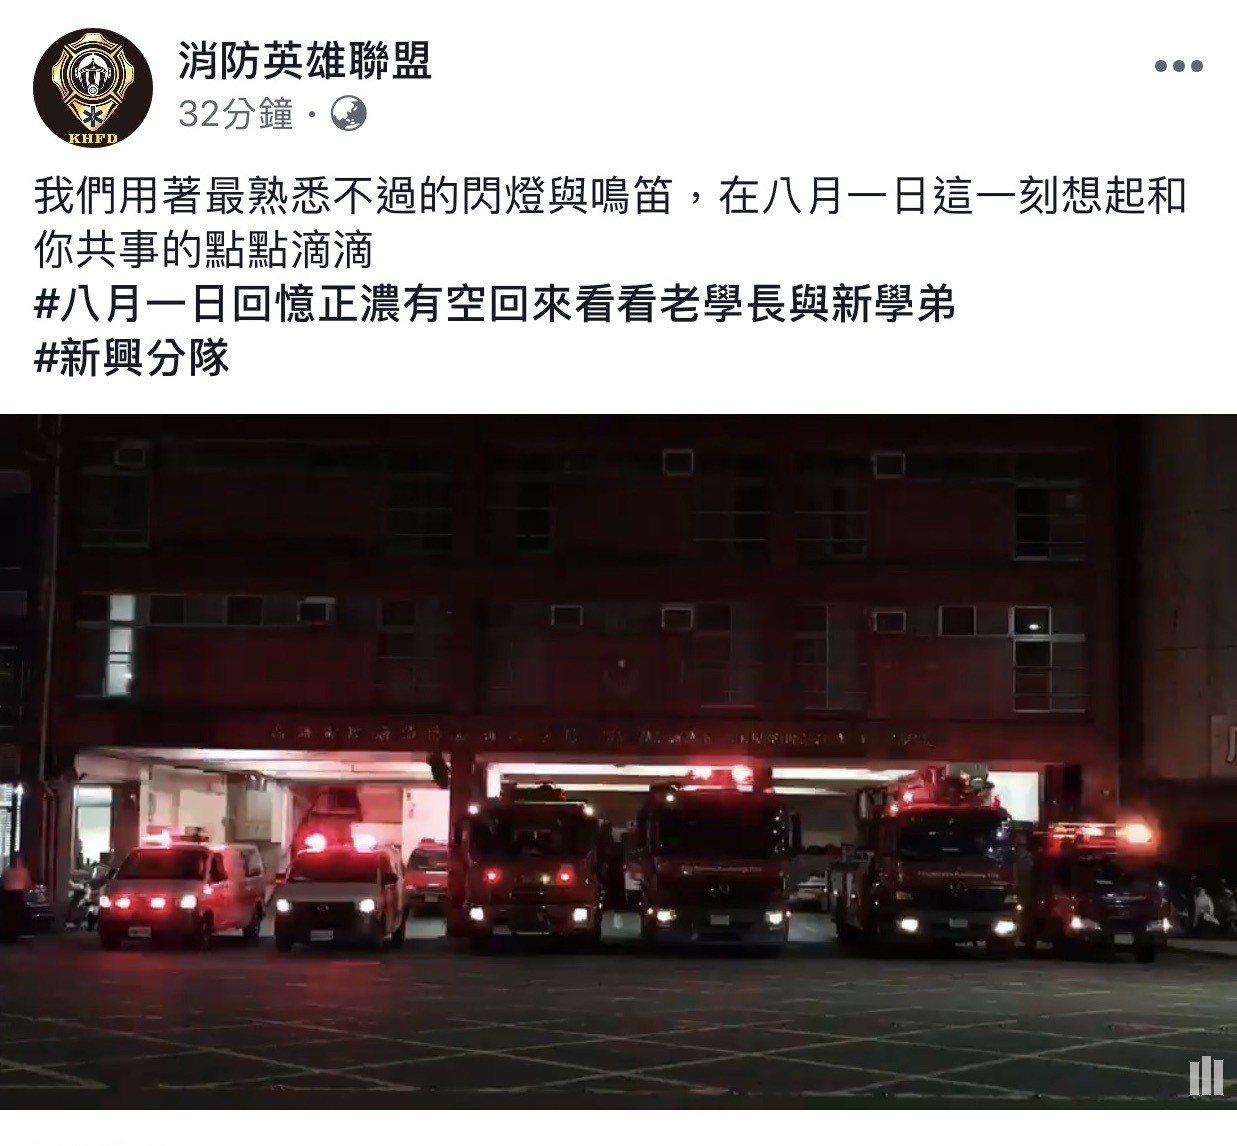 高雄氣爆4年,高市消防局新興分隊在高雄氣爆後,每年7月31日深夜11點55分,分...